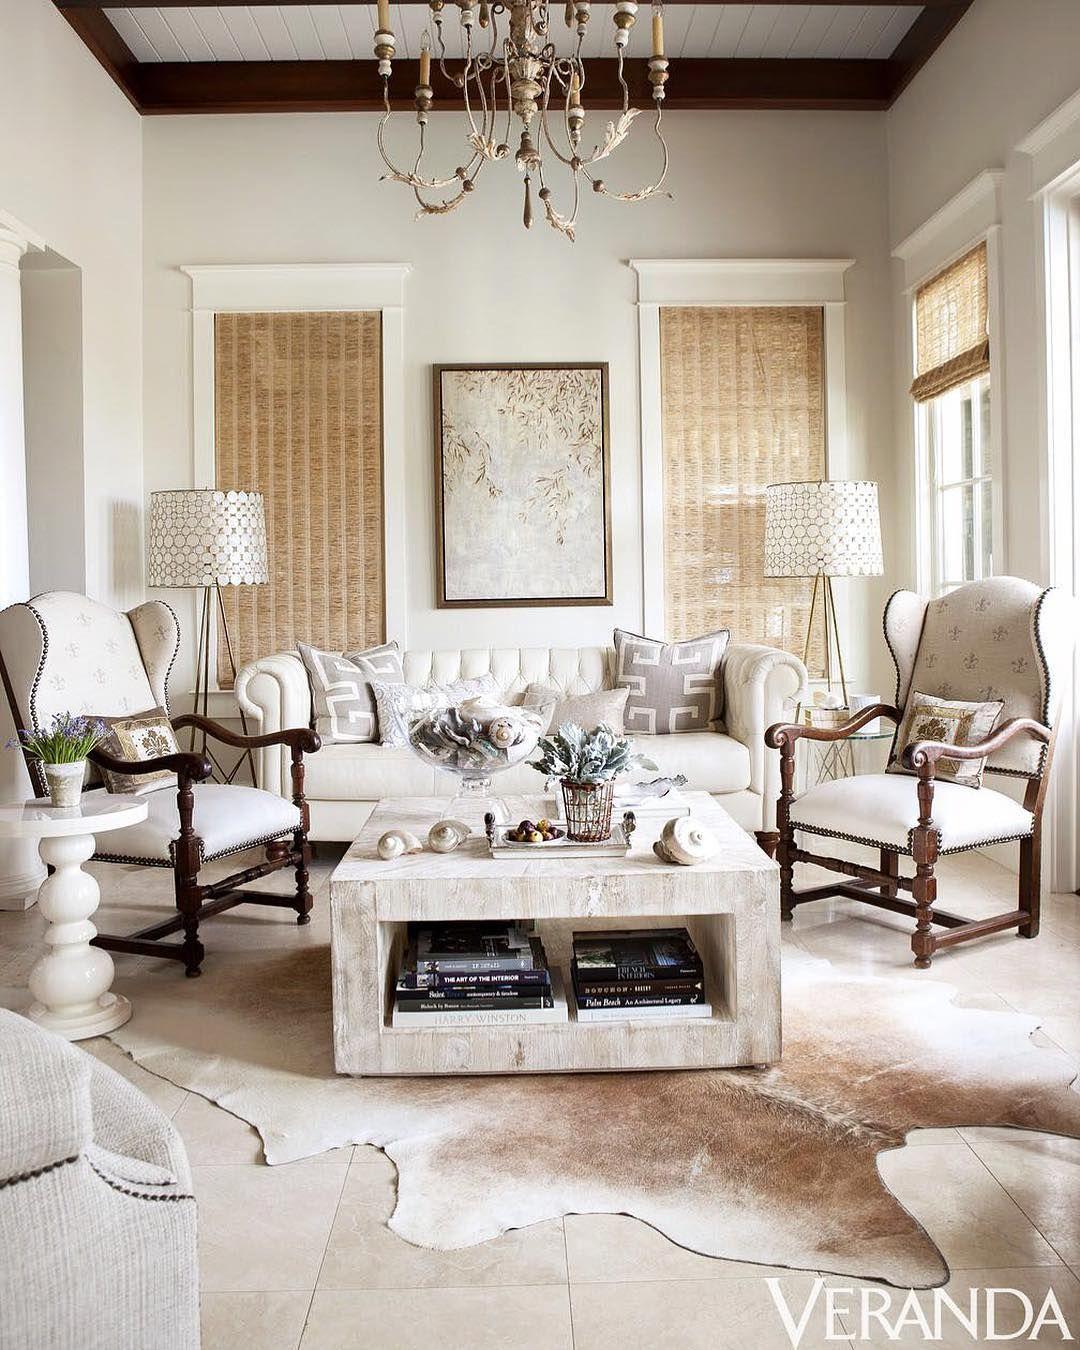 Living Room Photo Via Tara Shaw On Instagram Admiring This